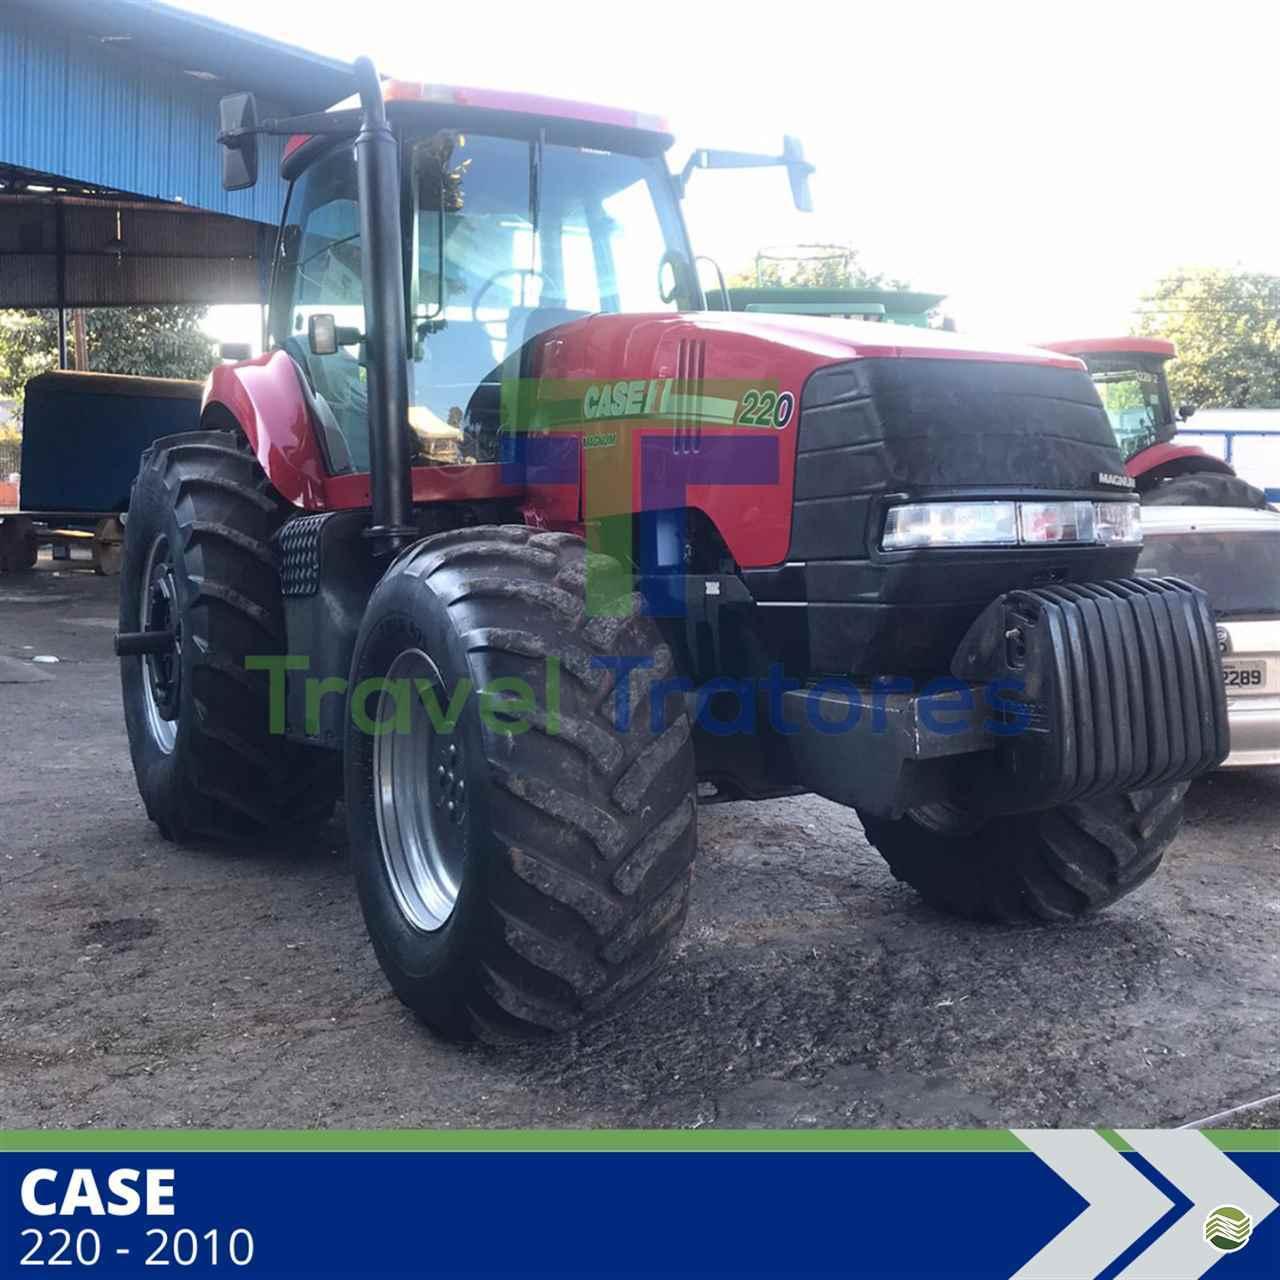 CASE MX 220 de Travel Máquinas Agrícolas - LONDRINA/PR